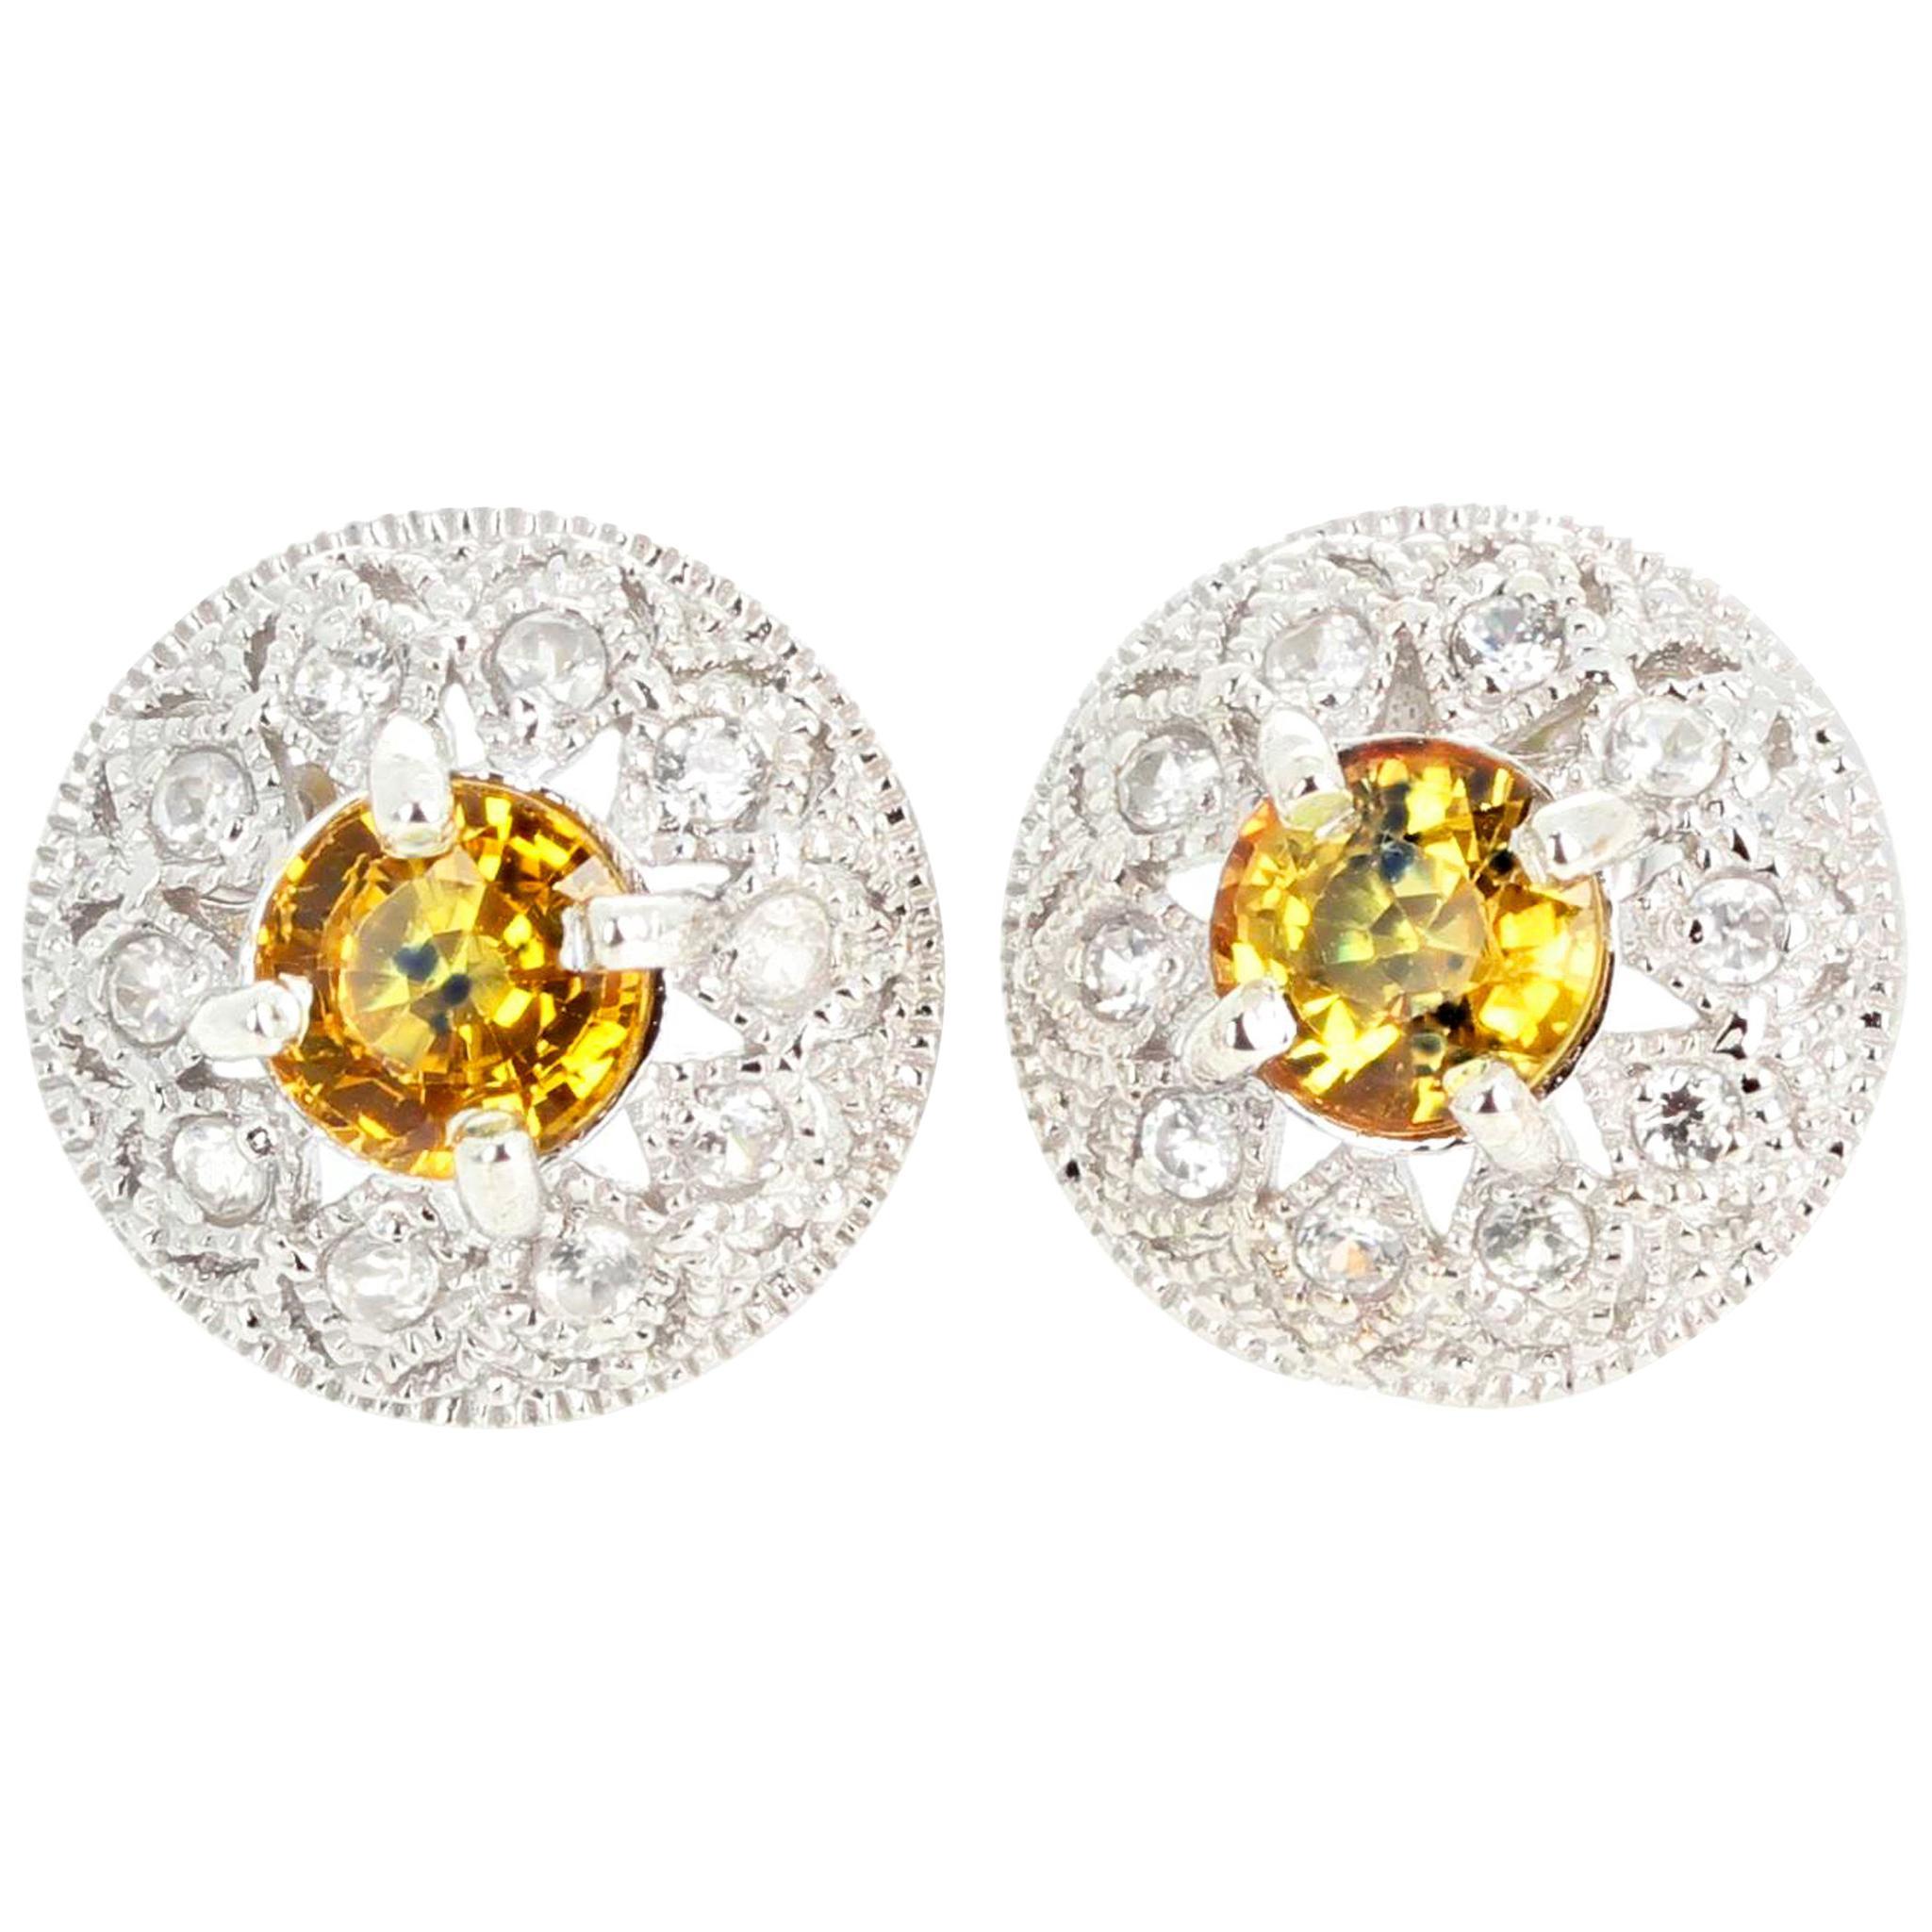 Gemjunky Tanzanian Glittering Songea 2.7 Ct. Yellow Sapphire & Diamond Earrings